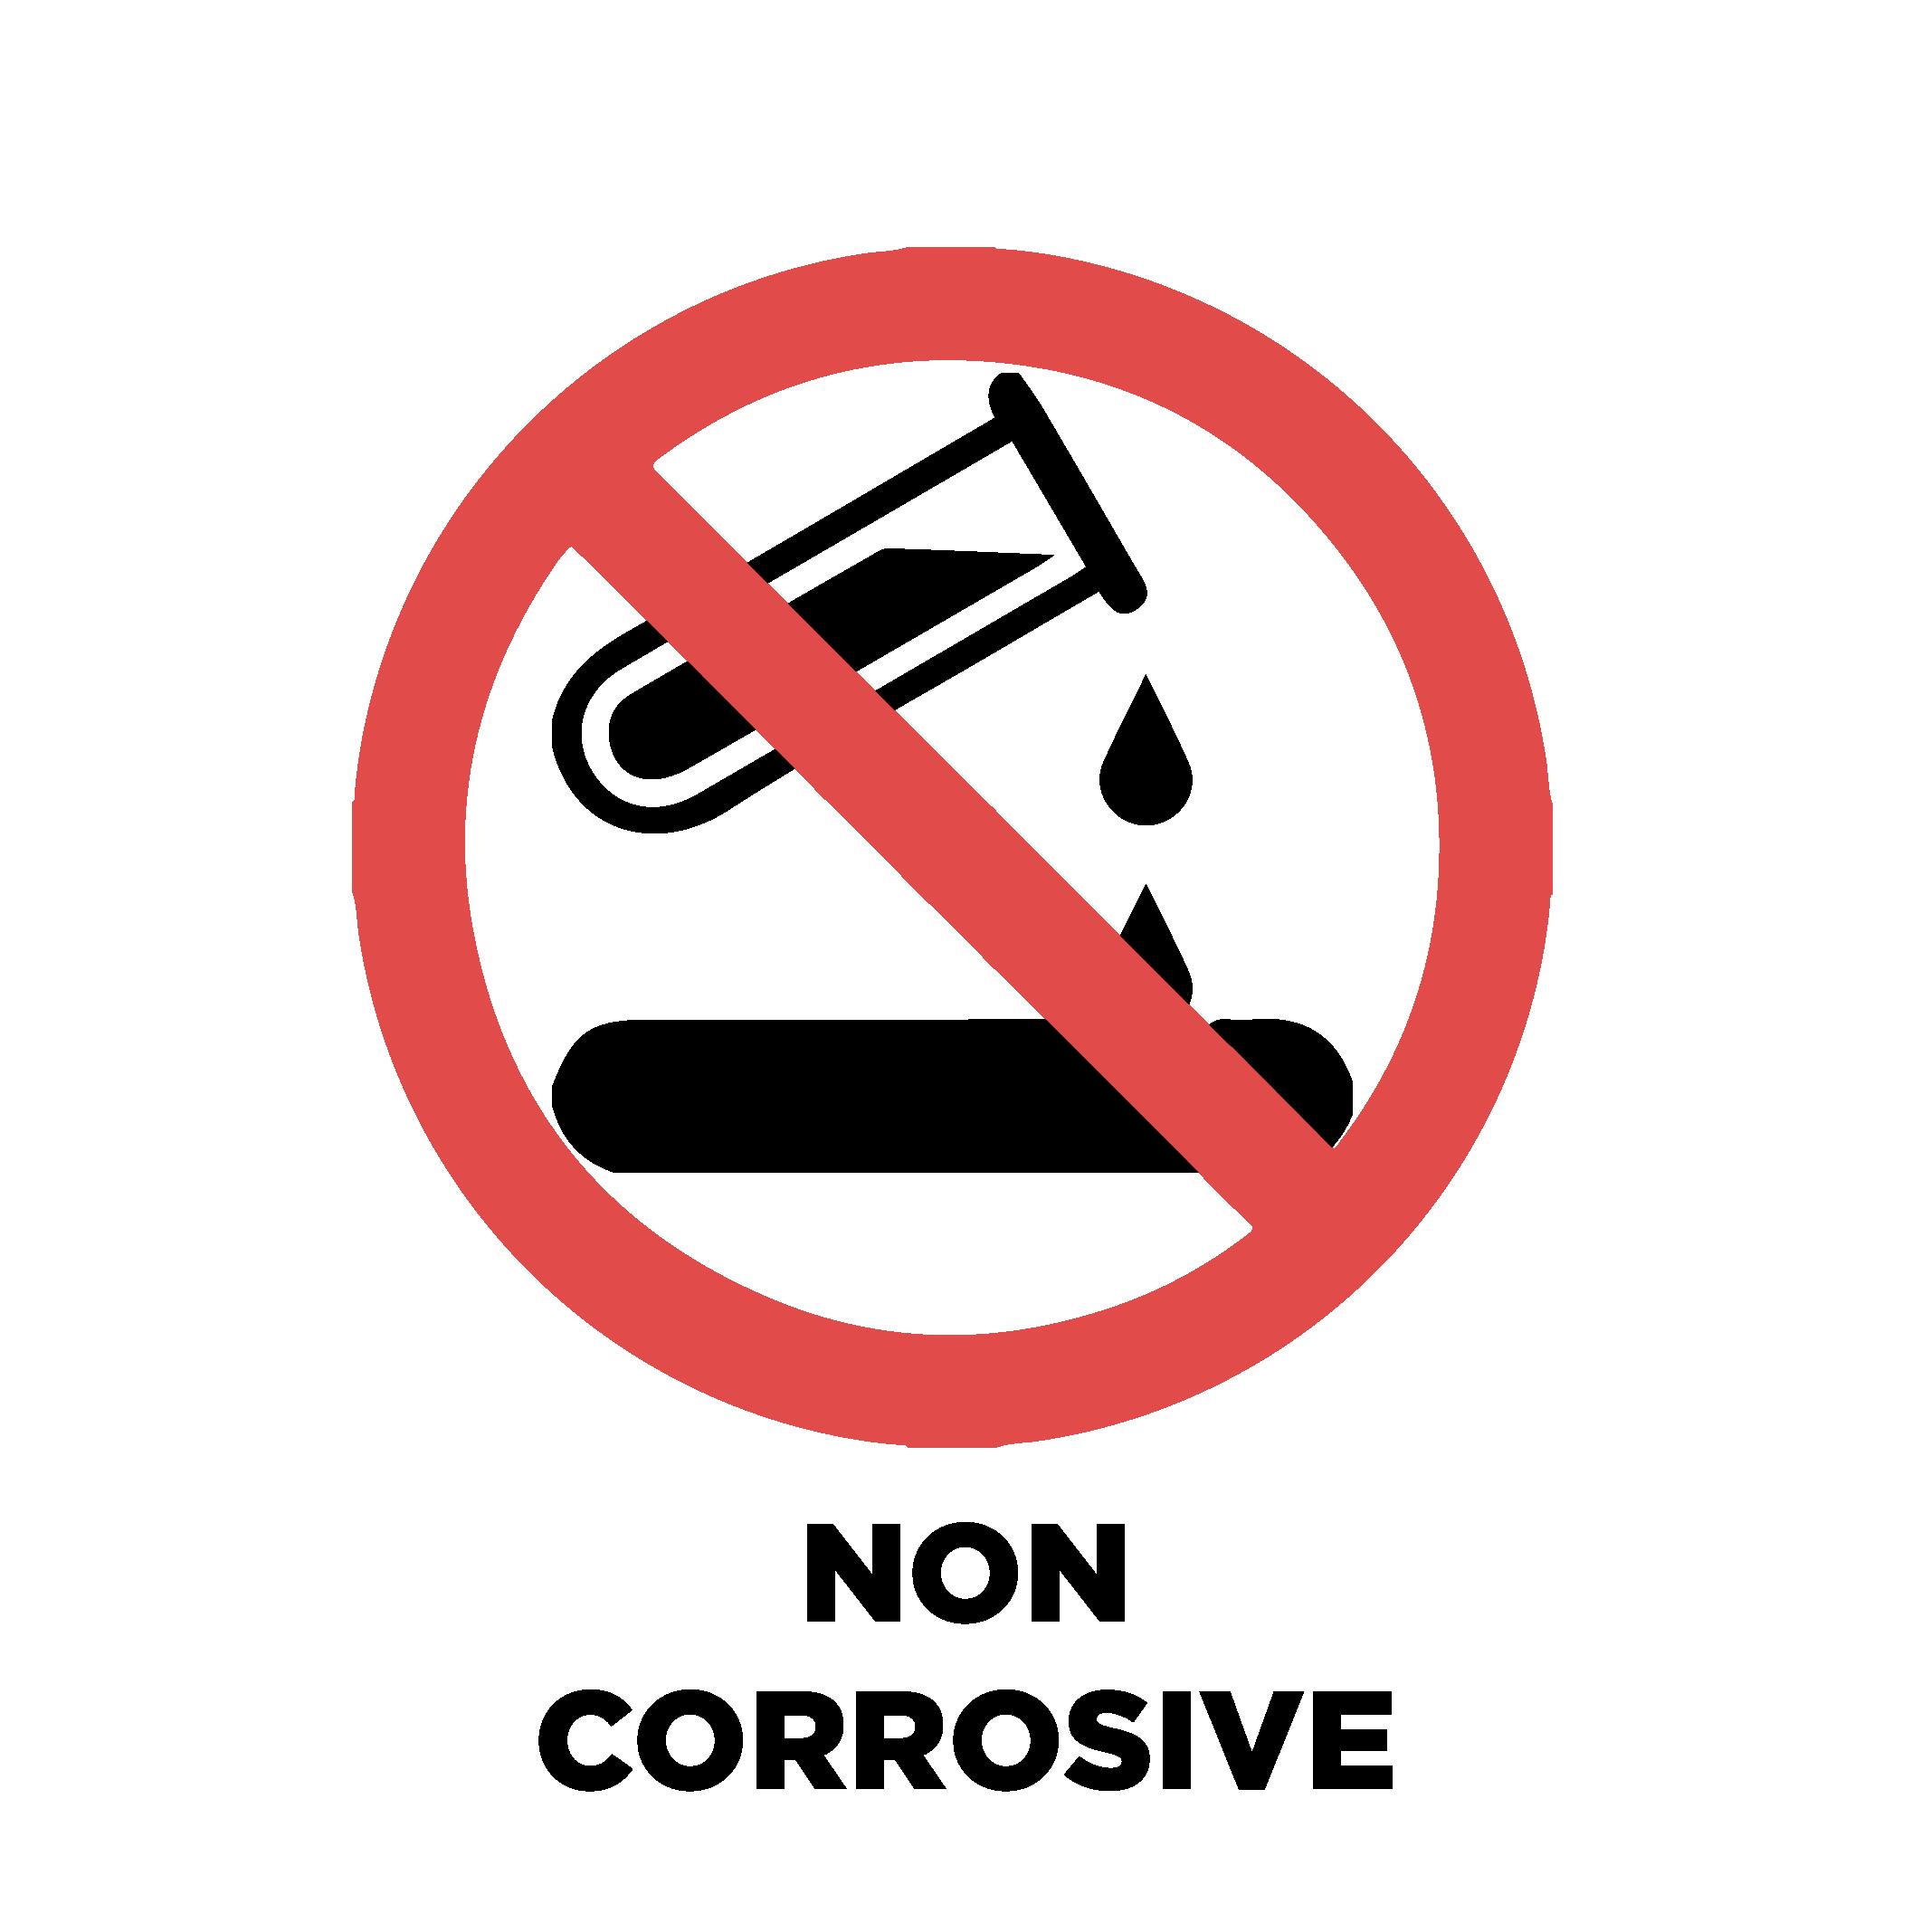 Non Corrosive